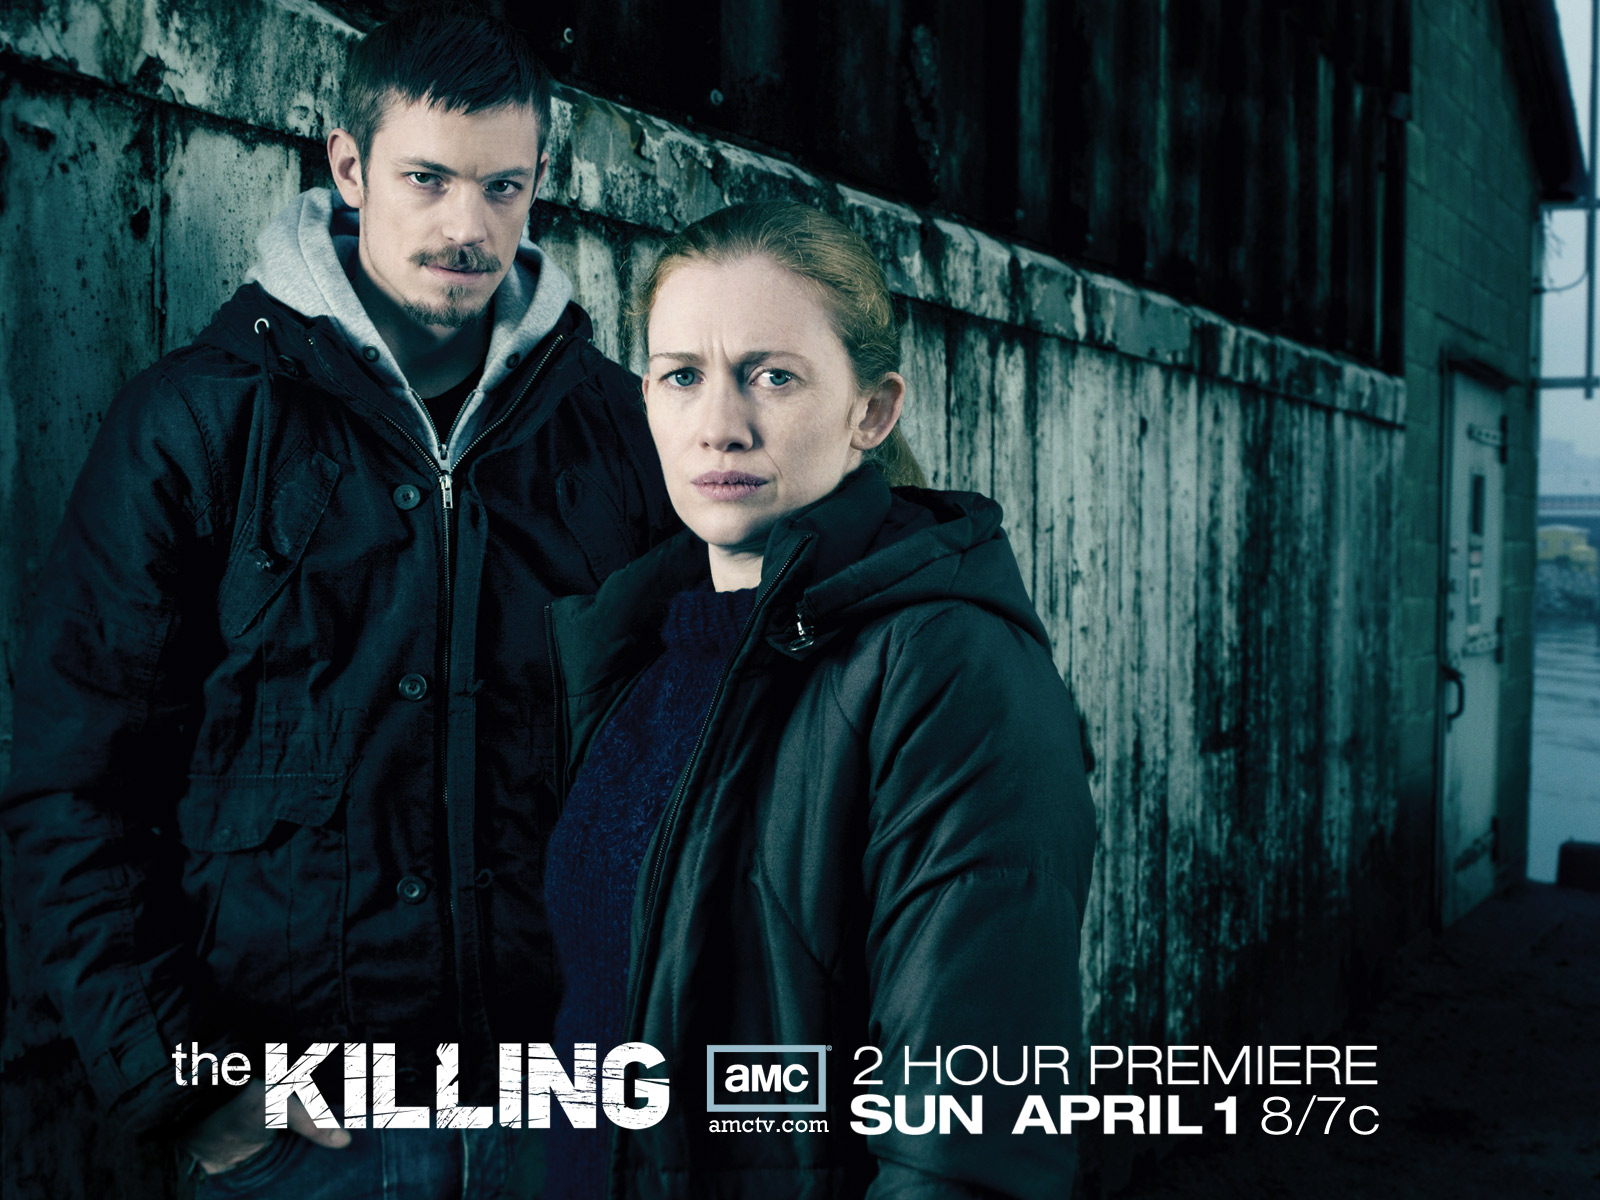 [影集] The Killing (2011~) Tk-s2-holderlinden-premiere-1600x1200